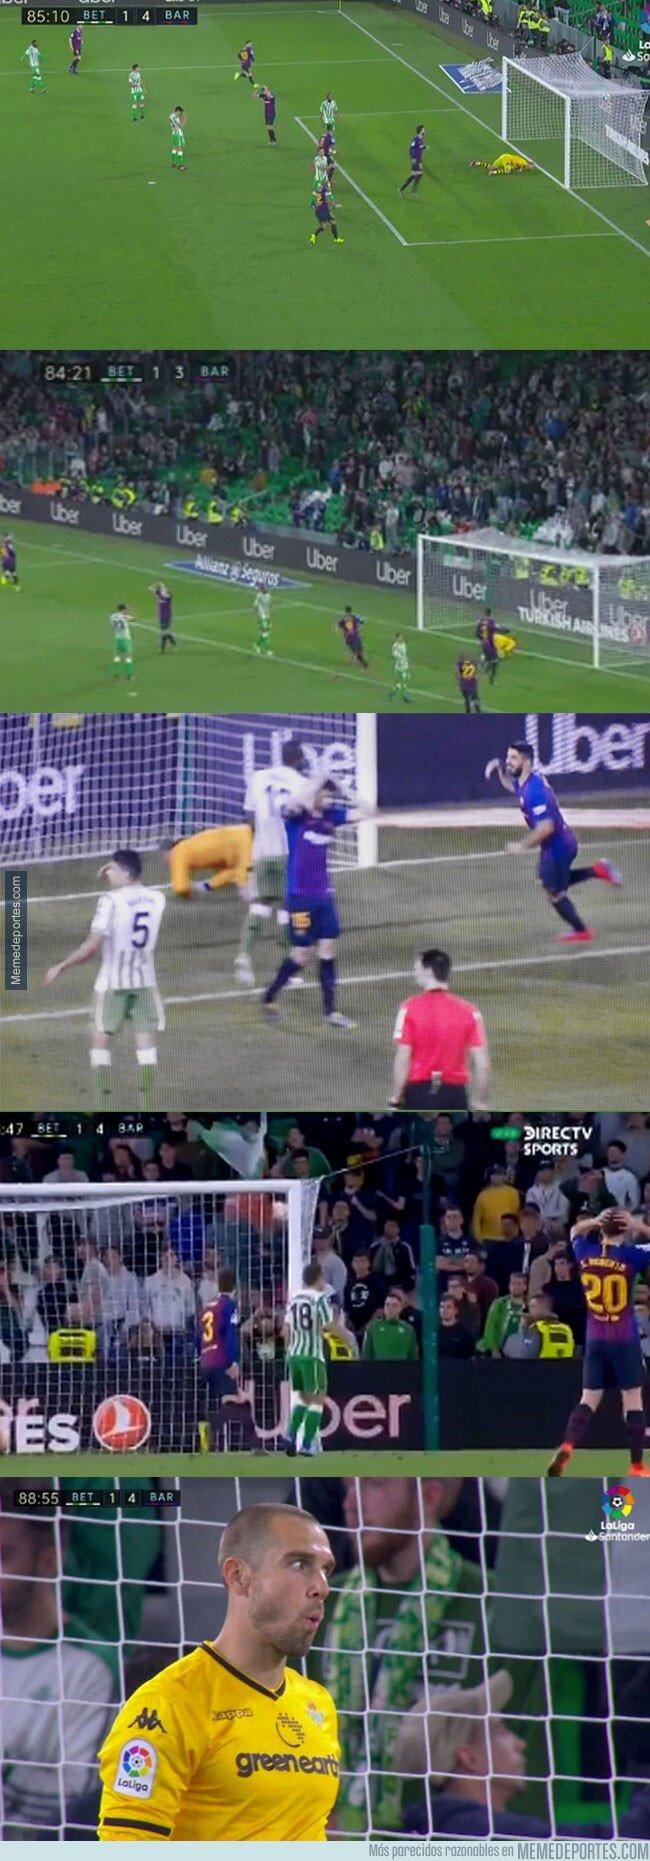 1068735 - Lo que todavía no has visto del golazo de Messi: ¿cuántos jugadores se echaron las manos a la cabeza?